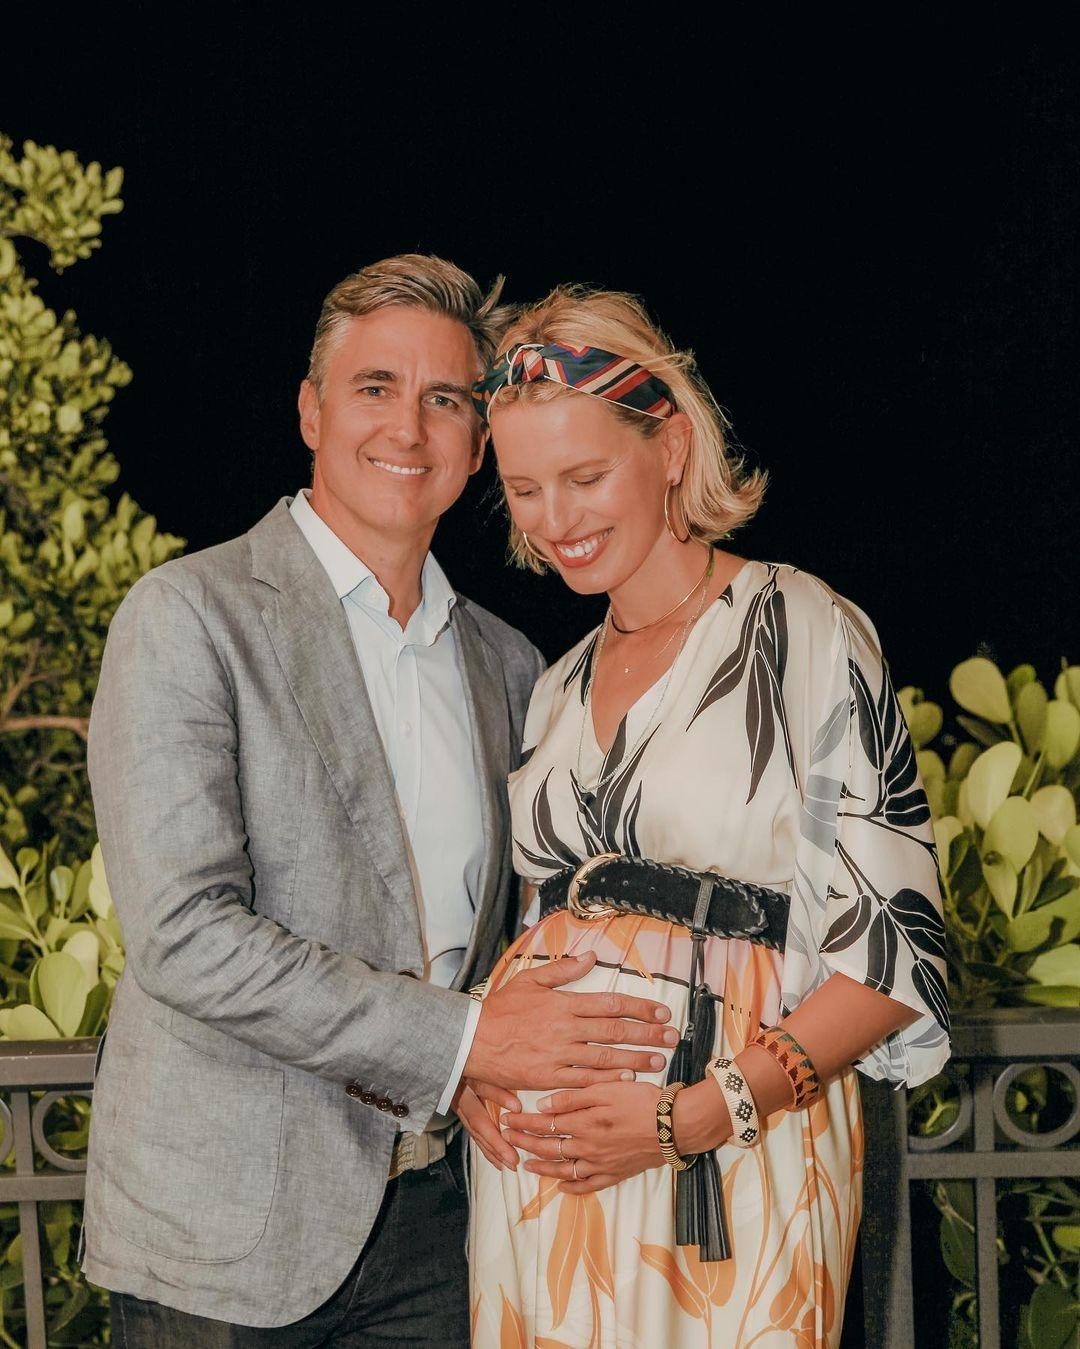 Чешская модель Каролина Куркова стала мамой в третий раз - фото №1